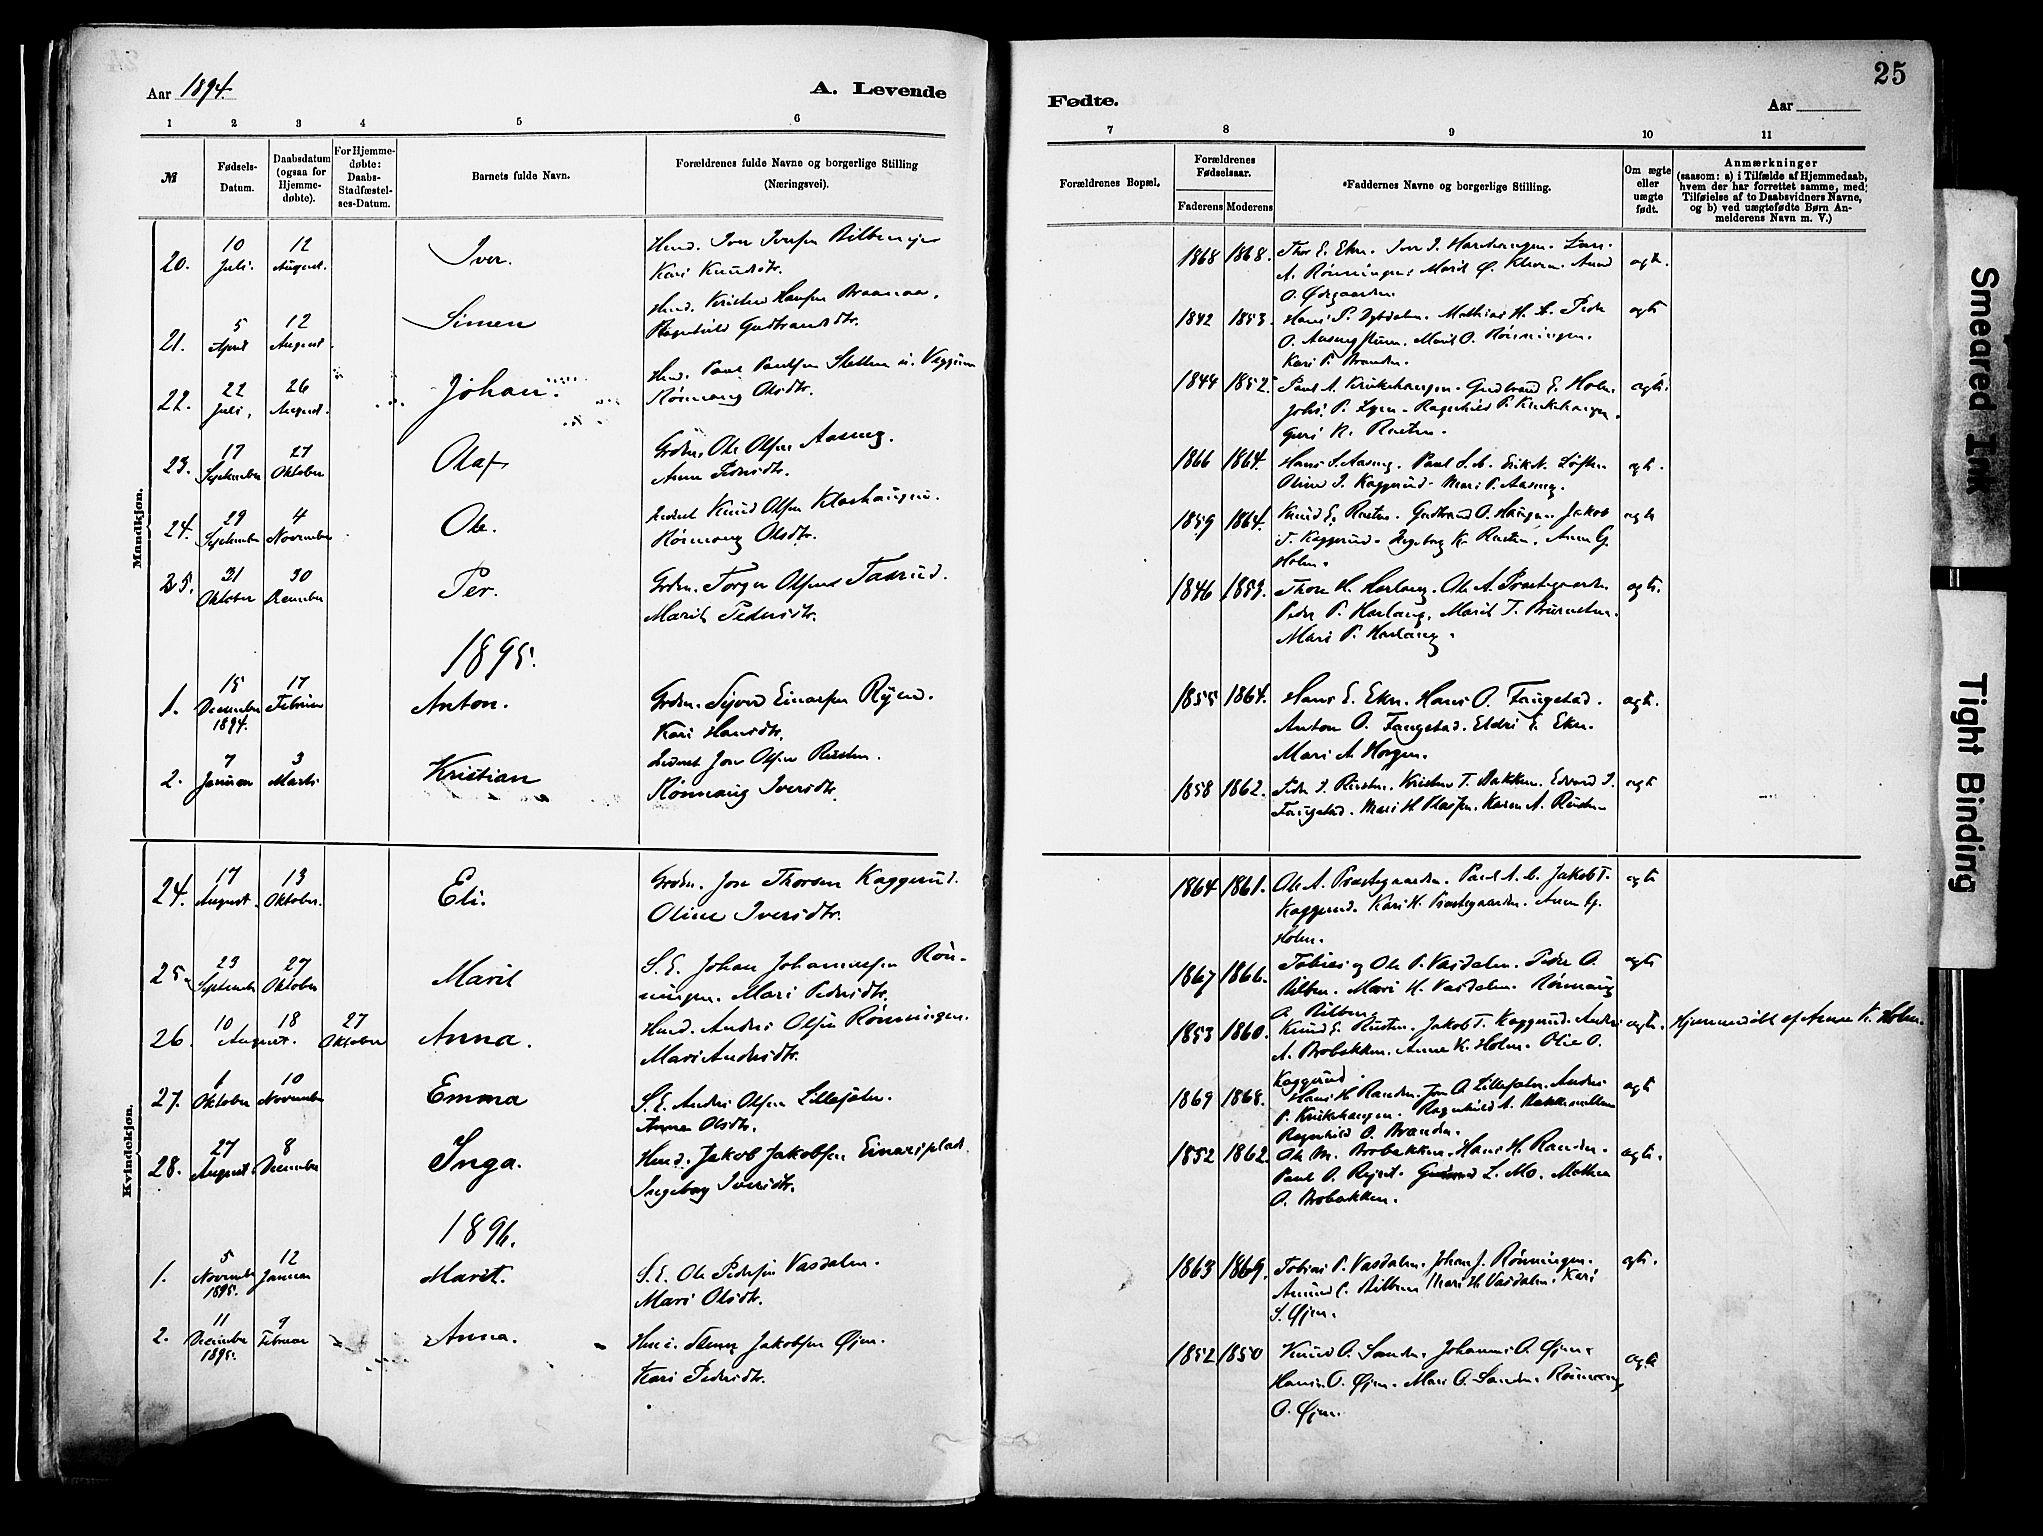 SAH, Vågå prestekontor, Parish register (official) no. 10, 1887-1904, p. 25